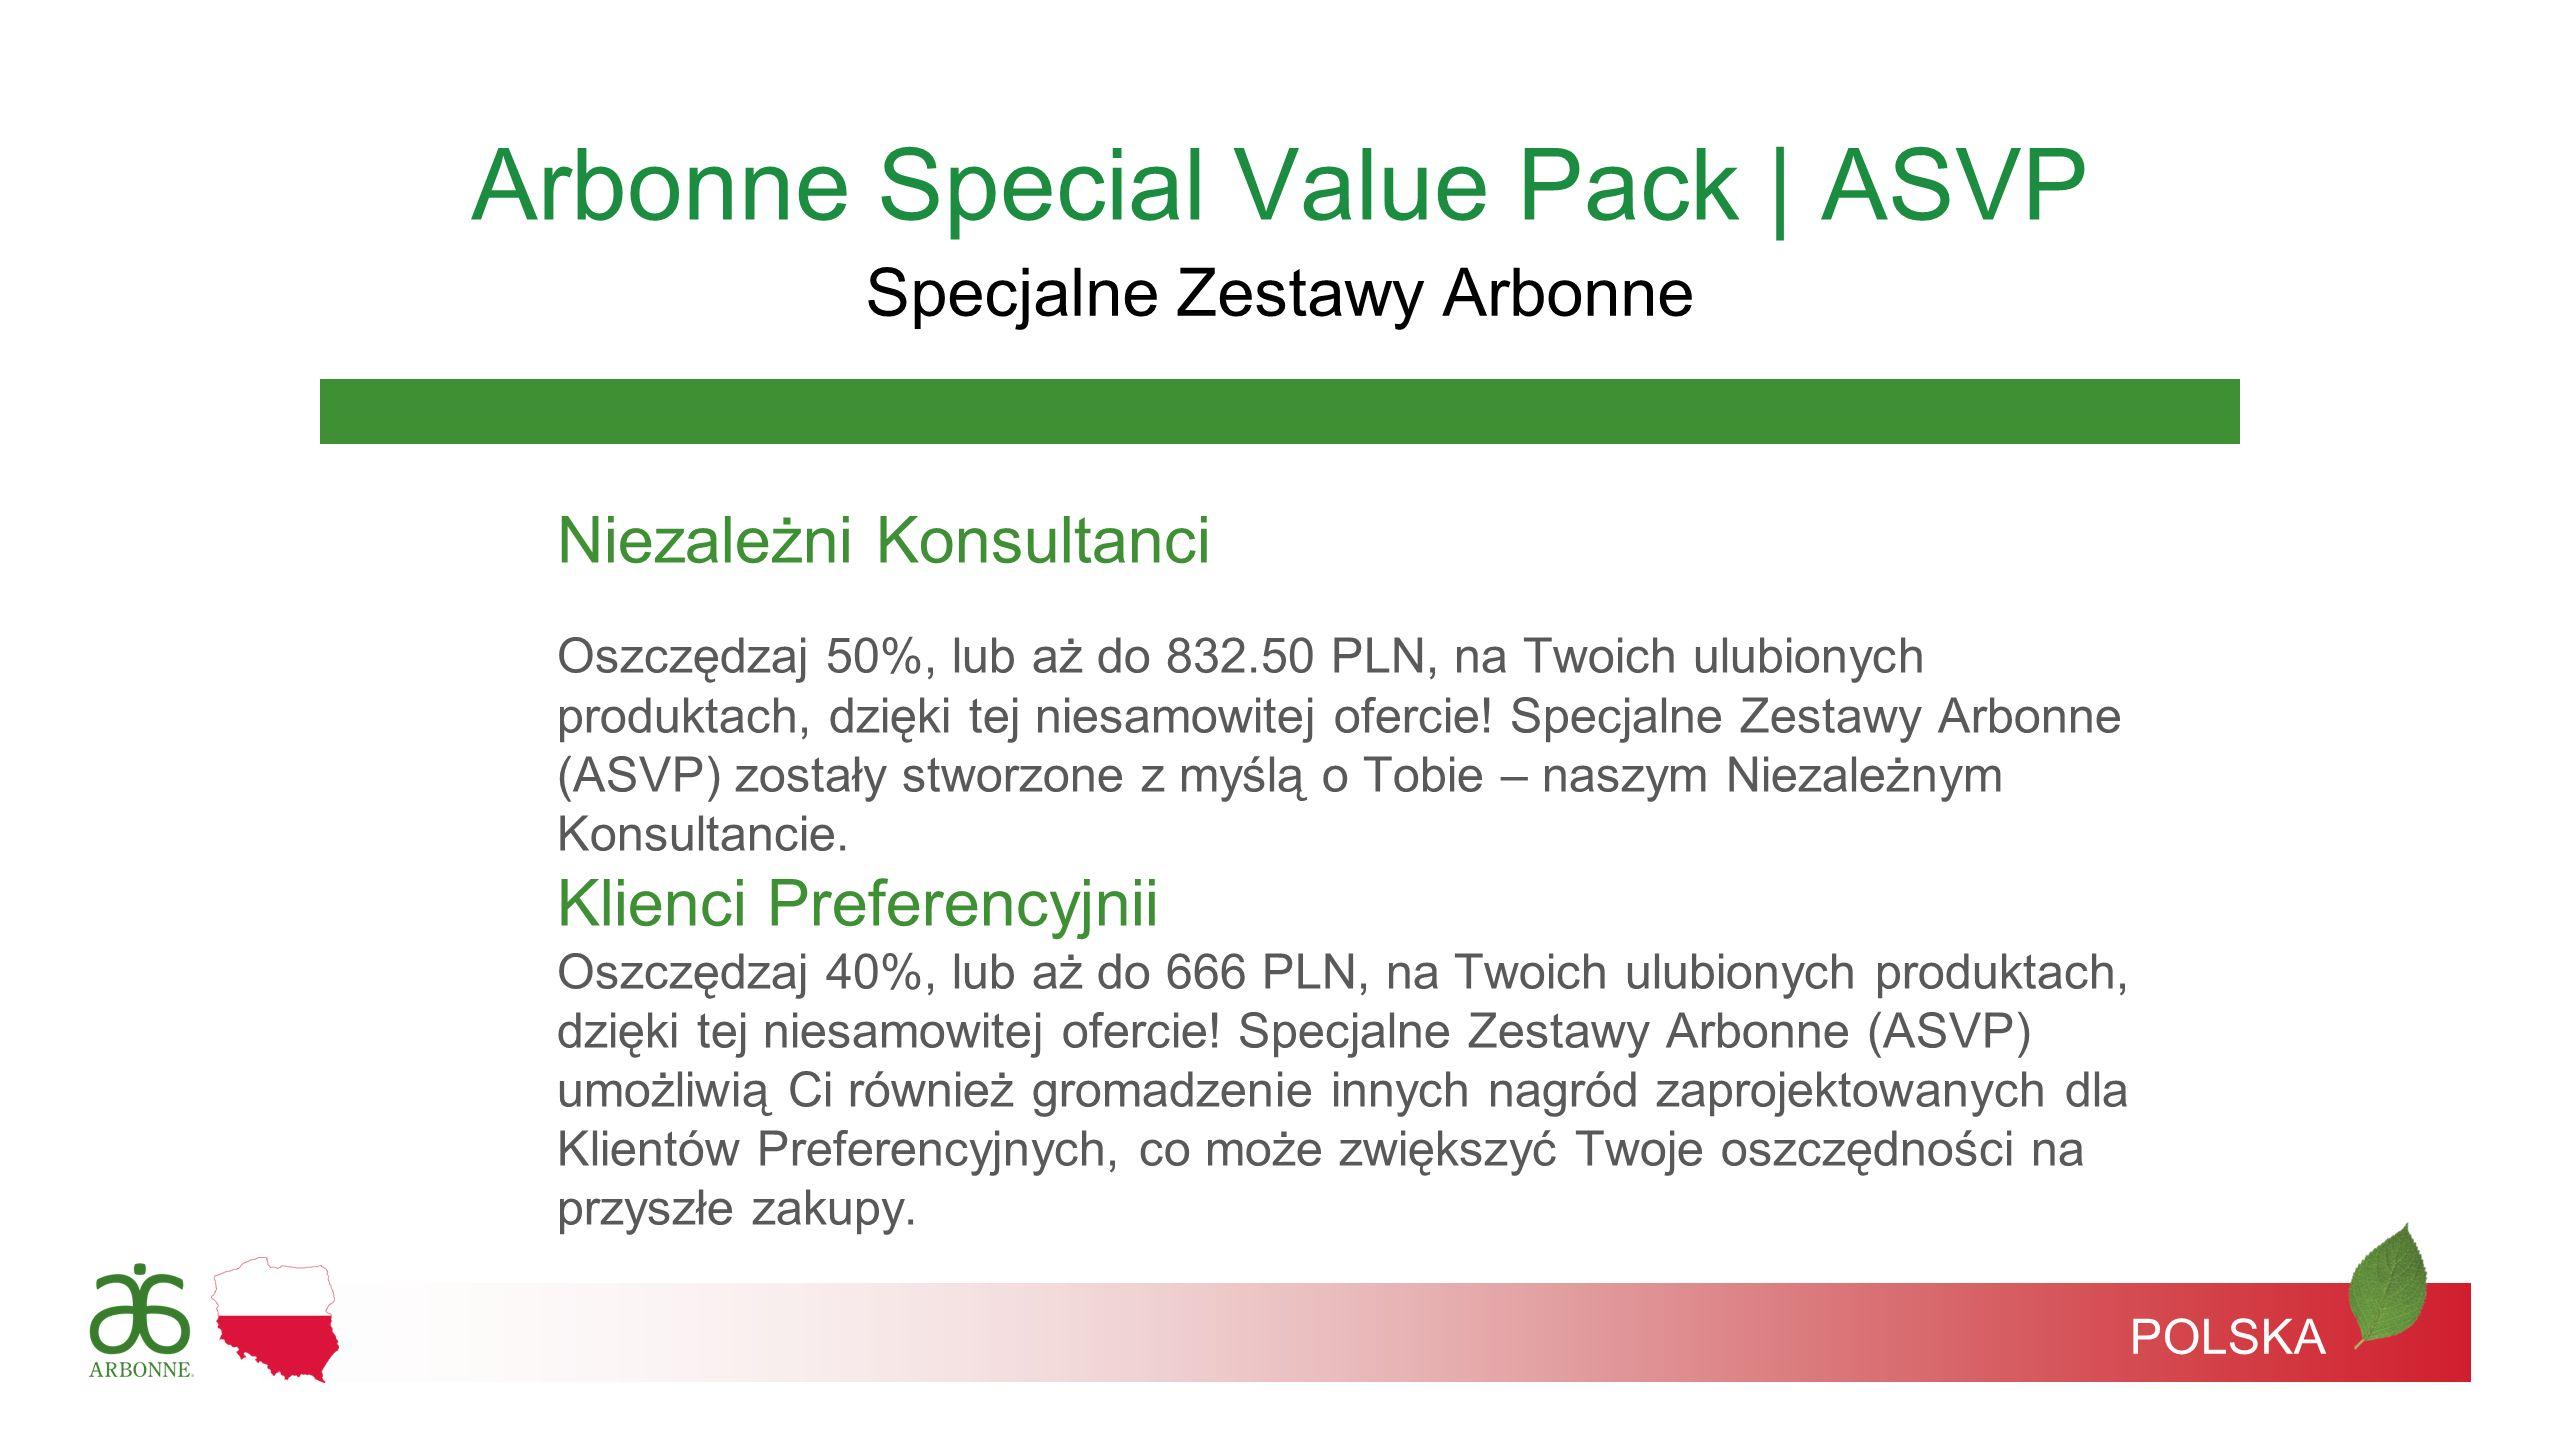 Niezależni Konsultanci Oszczędzaj 50%, lub aż do 832.50 PLN, na Twoich ulubionych produktach, dzięki tej niesamowitej ofercie! Specjalne Zestawy Arbon